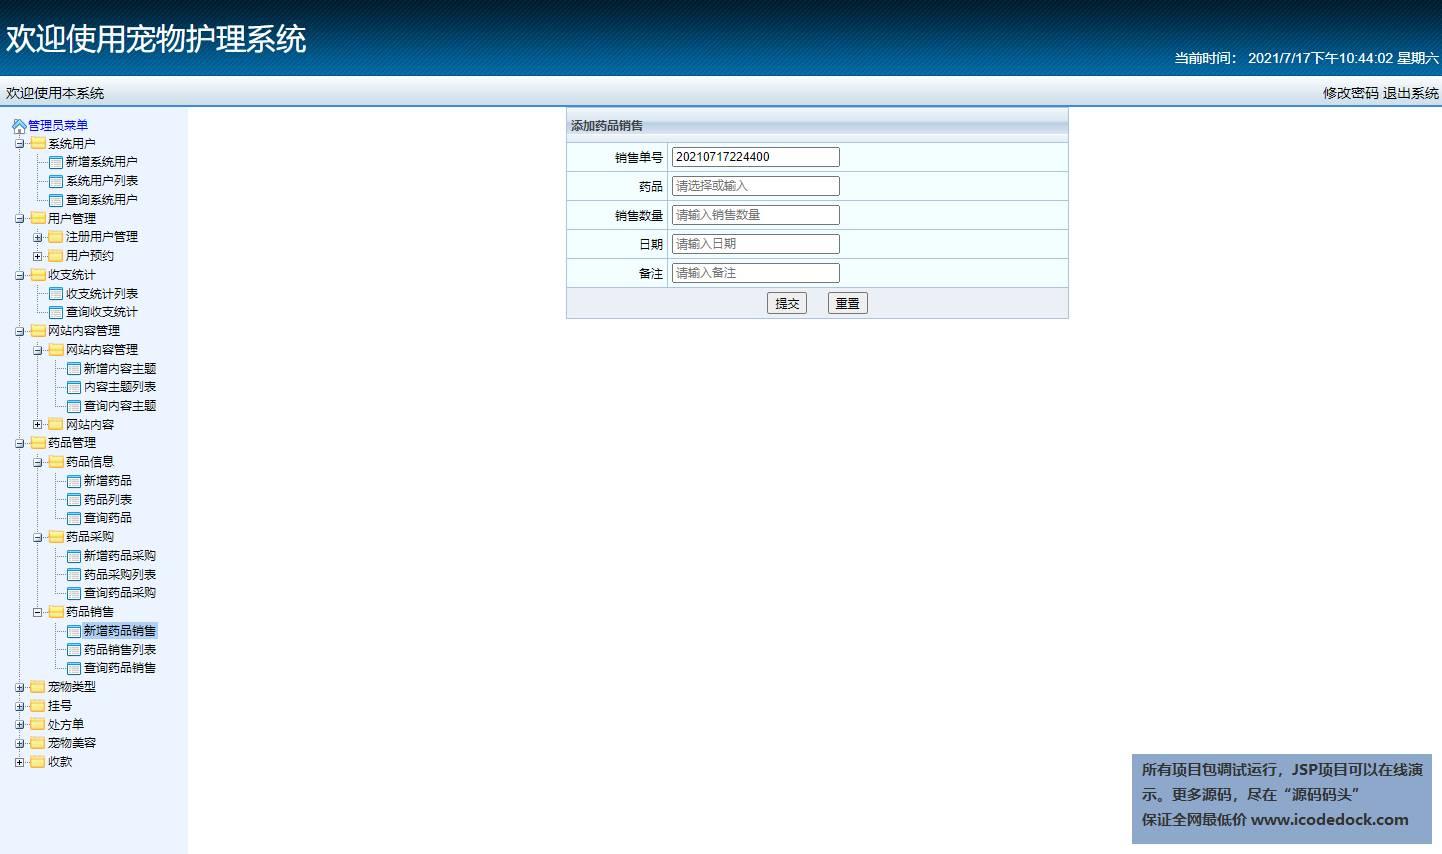 源码码头-SSH实现的一个在线宠物医院-管理员角色-药品销售管理